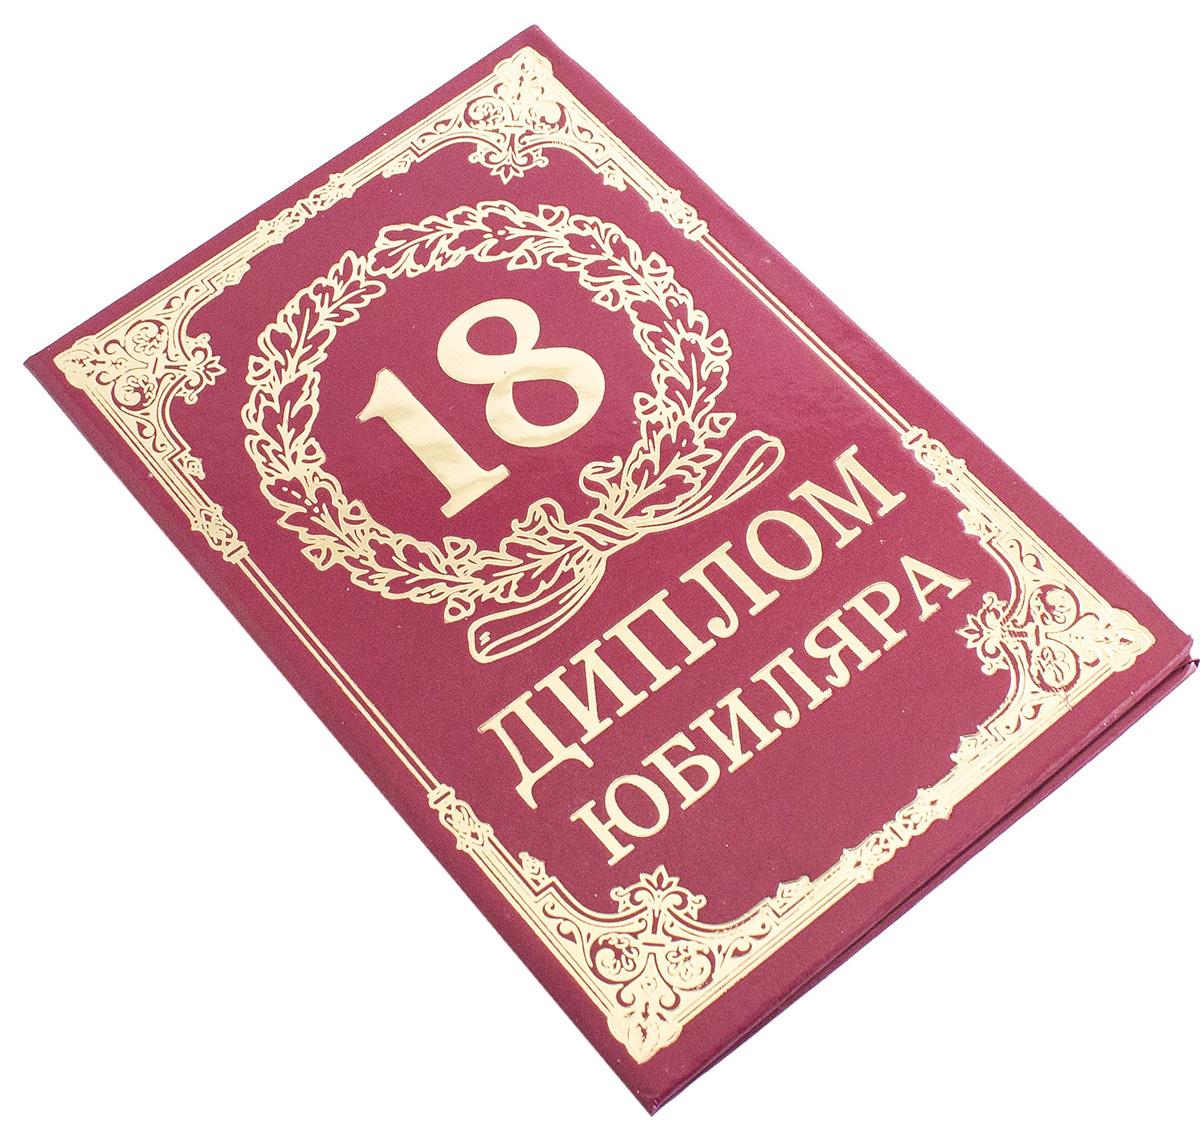 Диплом сувенирный Эврика 18 лет, A6, цвет: красный. 9358693586Диплом сувенирный Эврика выполнен из плотного картона, полиграфически оформлен иукрашен золотым тиснением. Красочно декорированный наградной диплом с шутливым поздравлением станет прекраснымдополнением к подарку, подскажет идею застольной речи или тоста, поможет выразить теплыечувства к адресату.